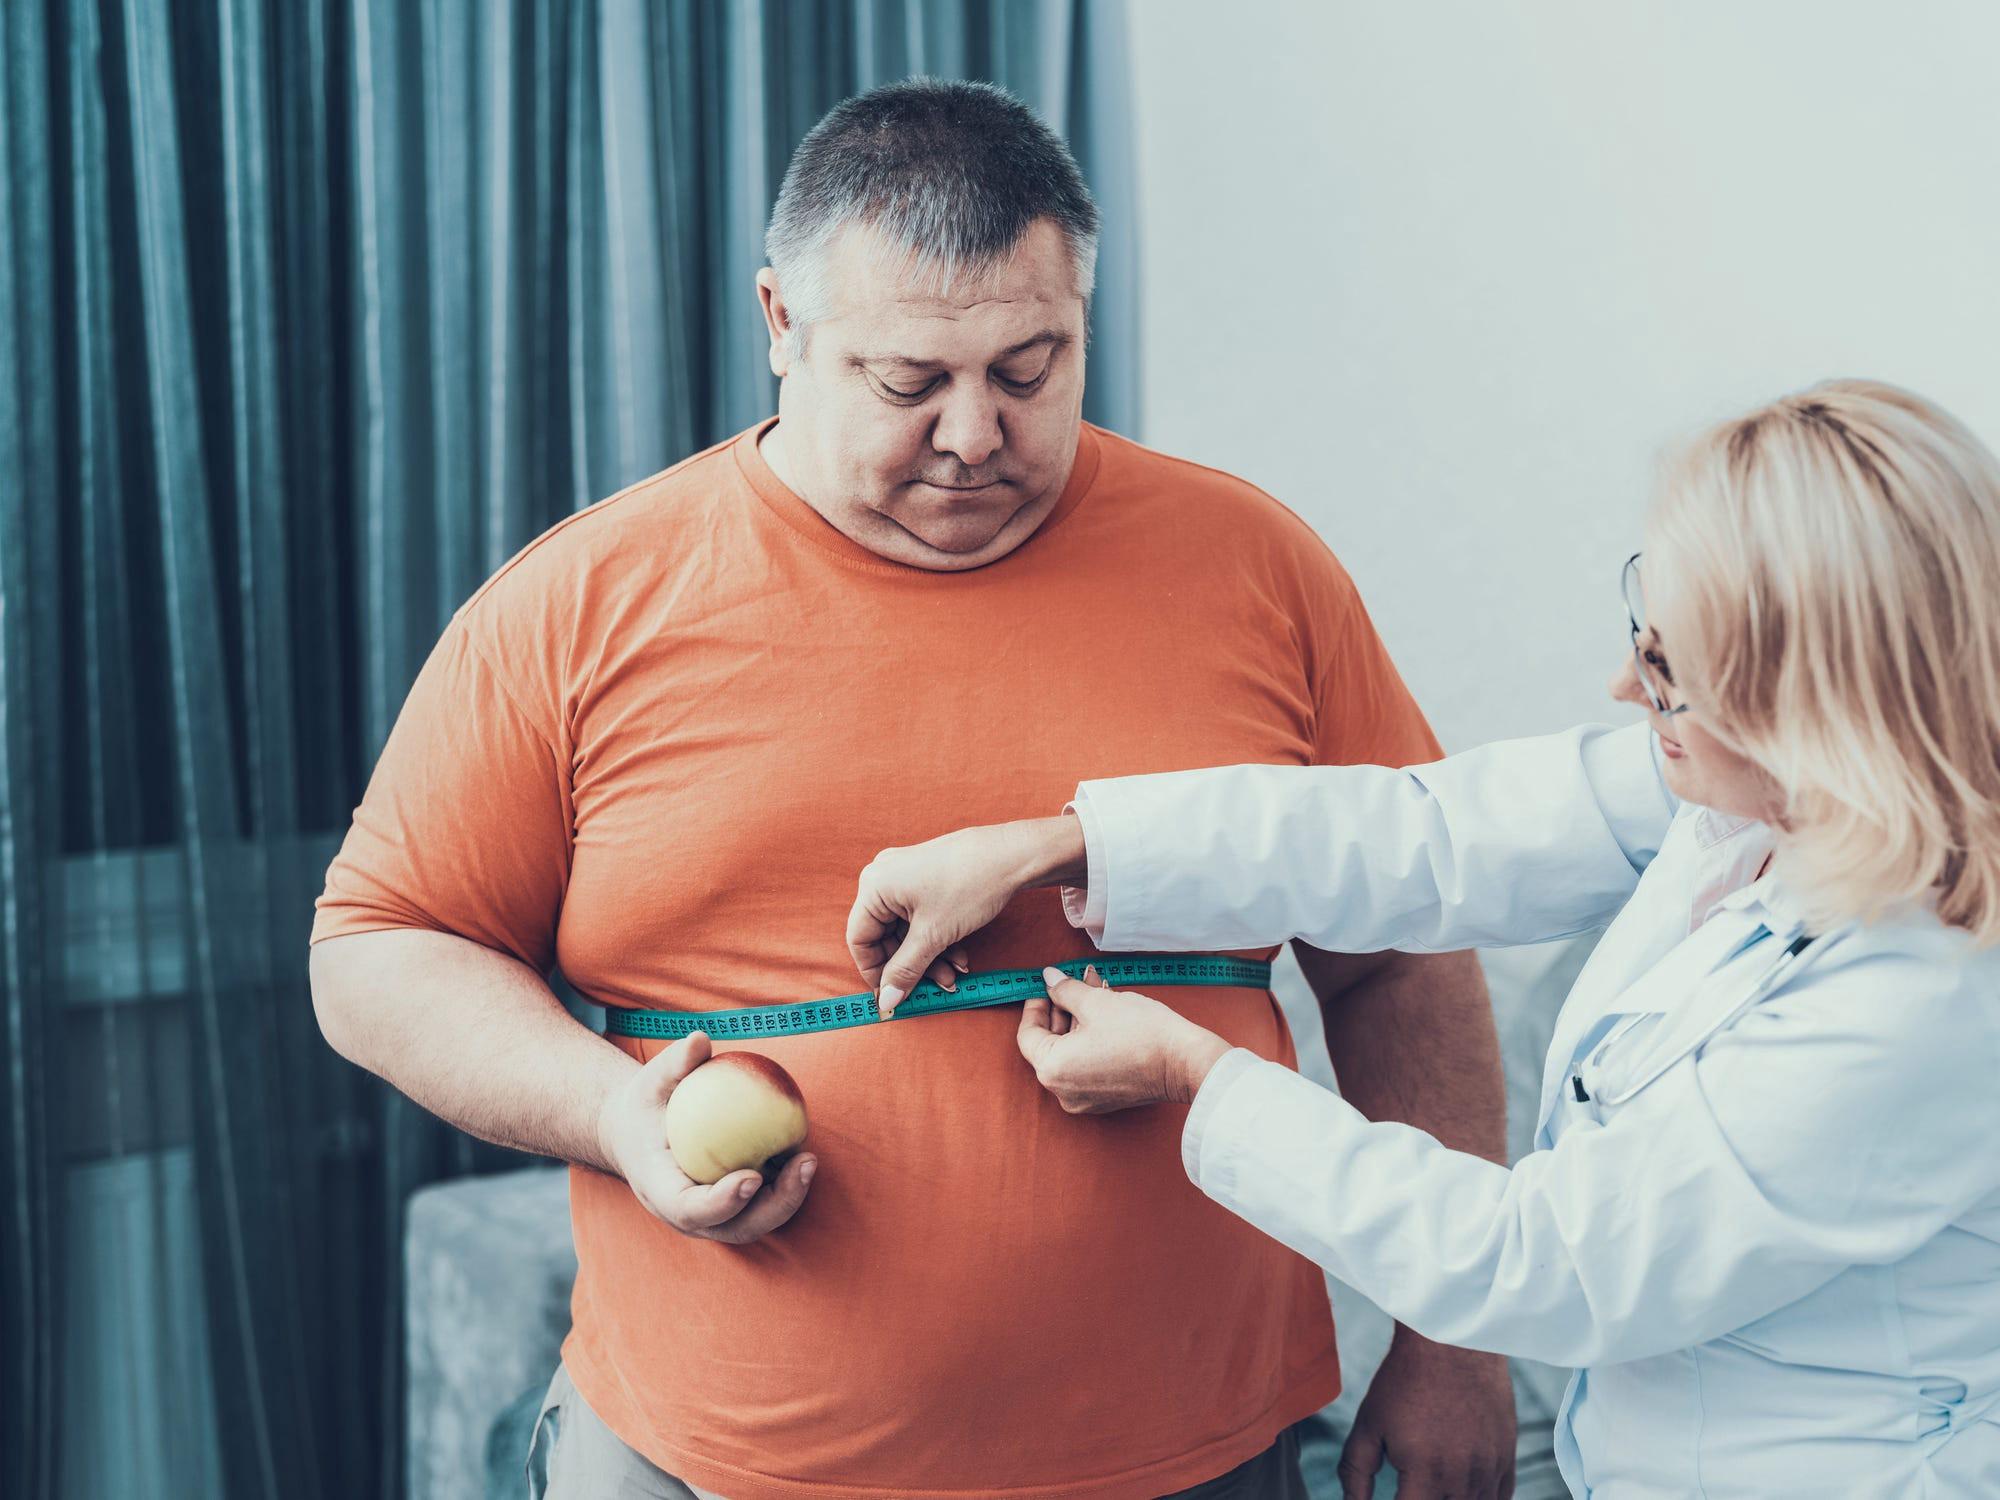 دواء جديد سيغير قواعد لعبة فقدان الوزن - علاج تجريبي لعلاج مرضى البدانة بواسطة دواء لخفض الوزن - تحقيق خسارة وزن سريعة في حالات البدانة الشديدة